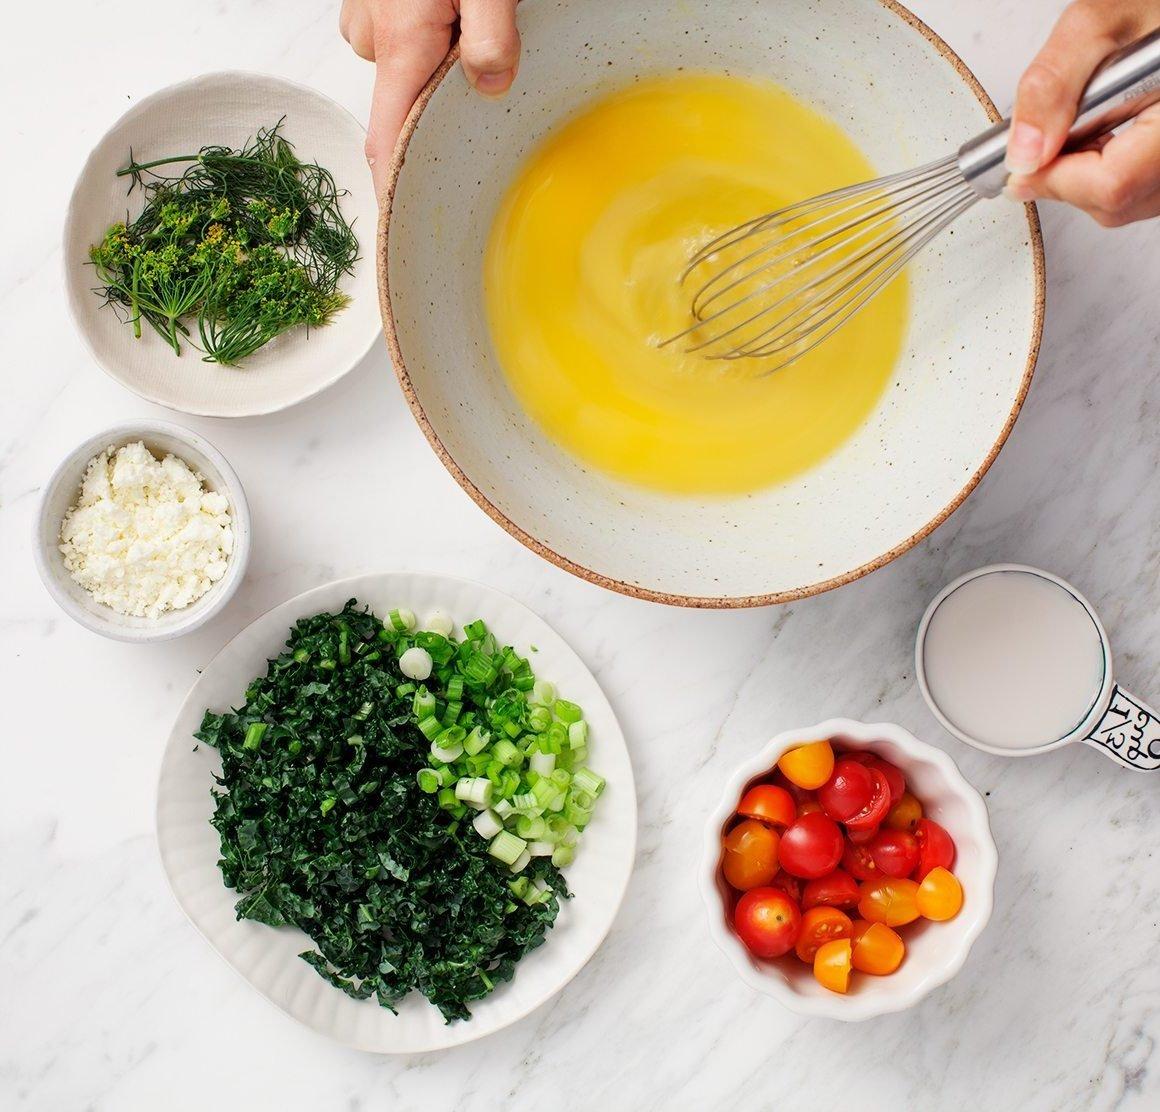 Viele Proteine verhindern den Heißhunger - Rezept für deftige leckere Eier-Muffins